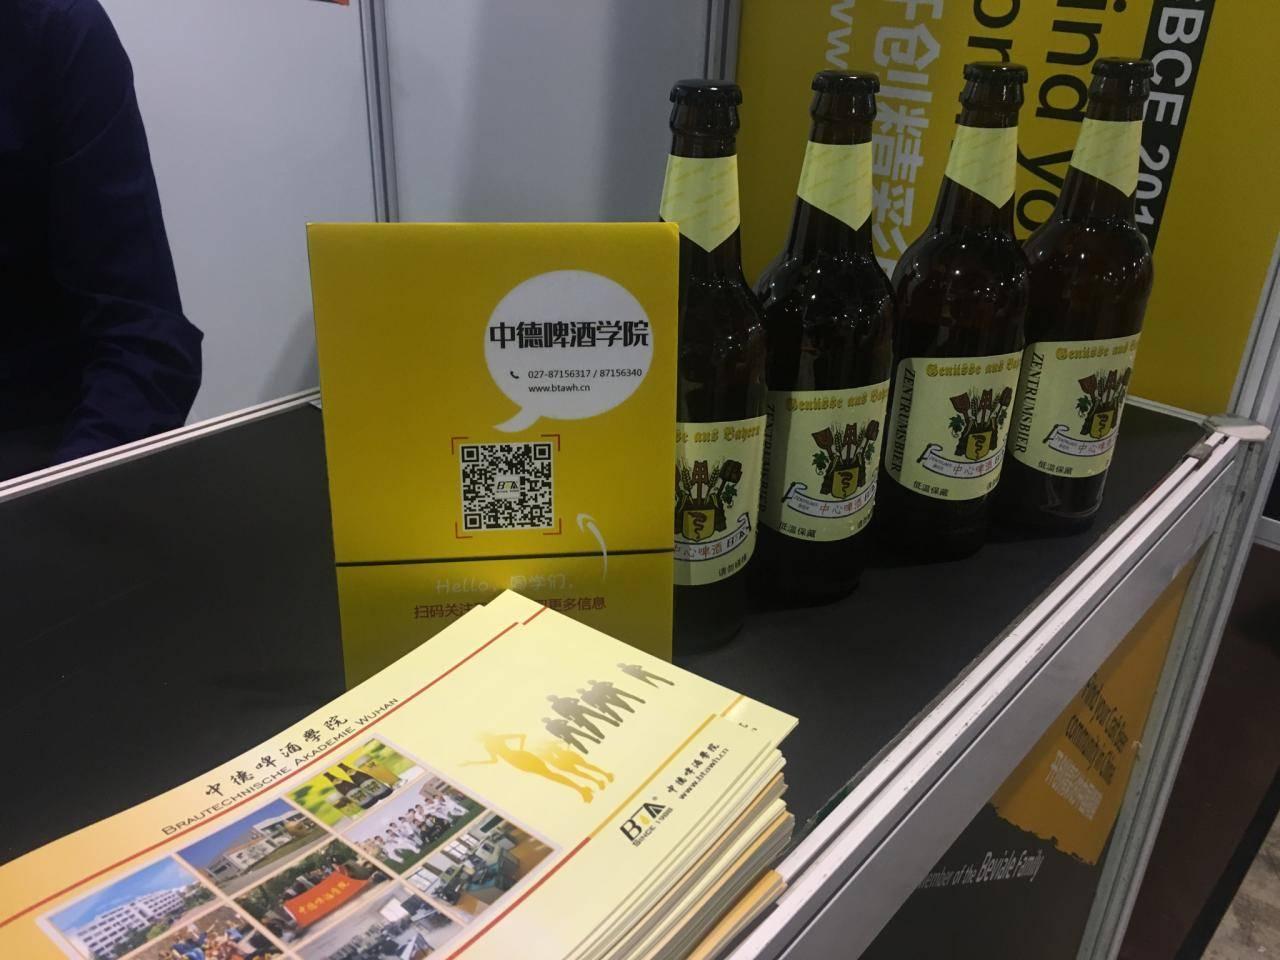 中国国际精酿啤酒文化节ccbf2018-溧阳国际精酿啤酒节,如何让音乐-大麦丫-精酿啤酒连锁超市,工厂店平价酒吧免费加盟